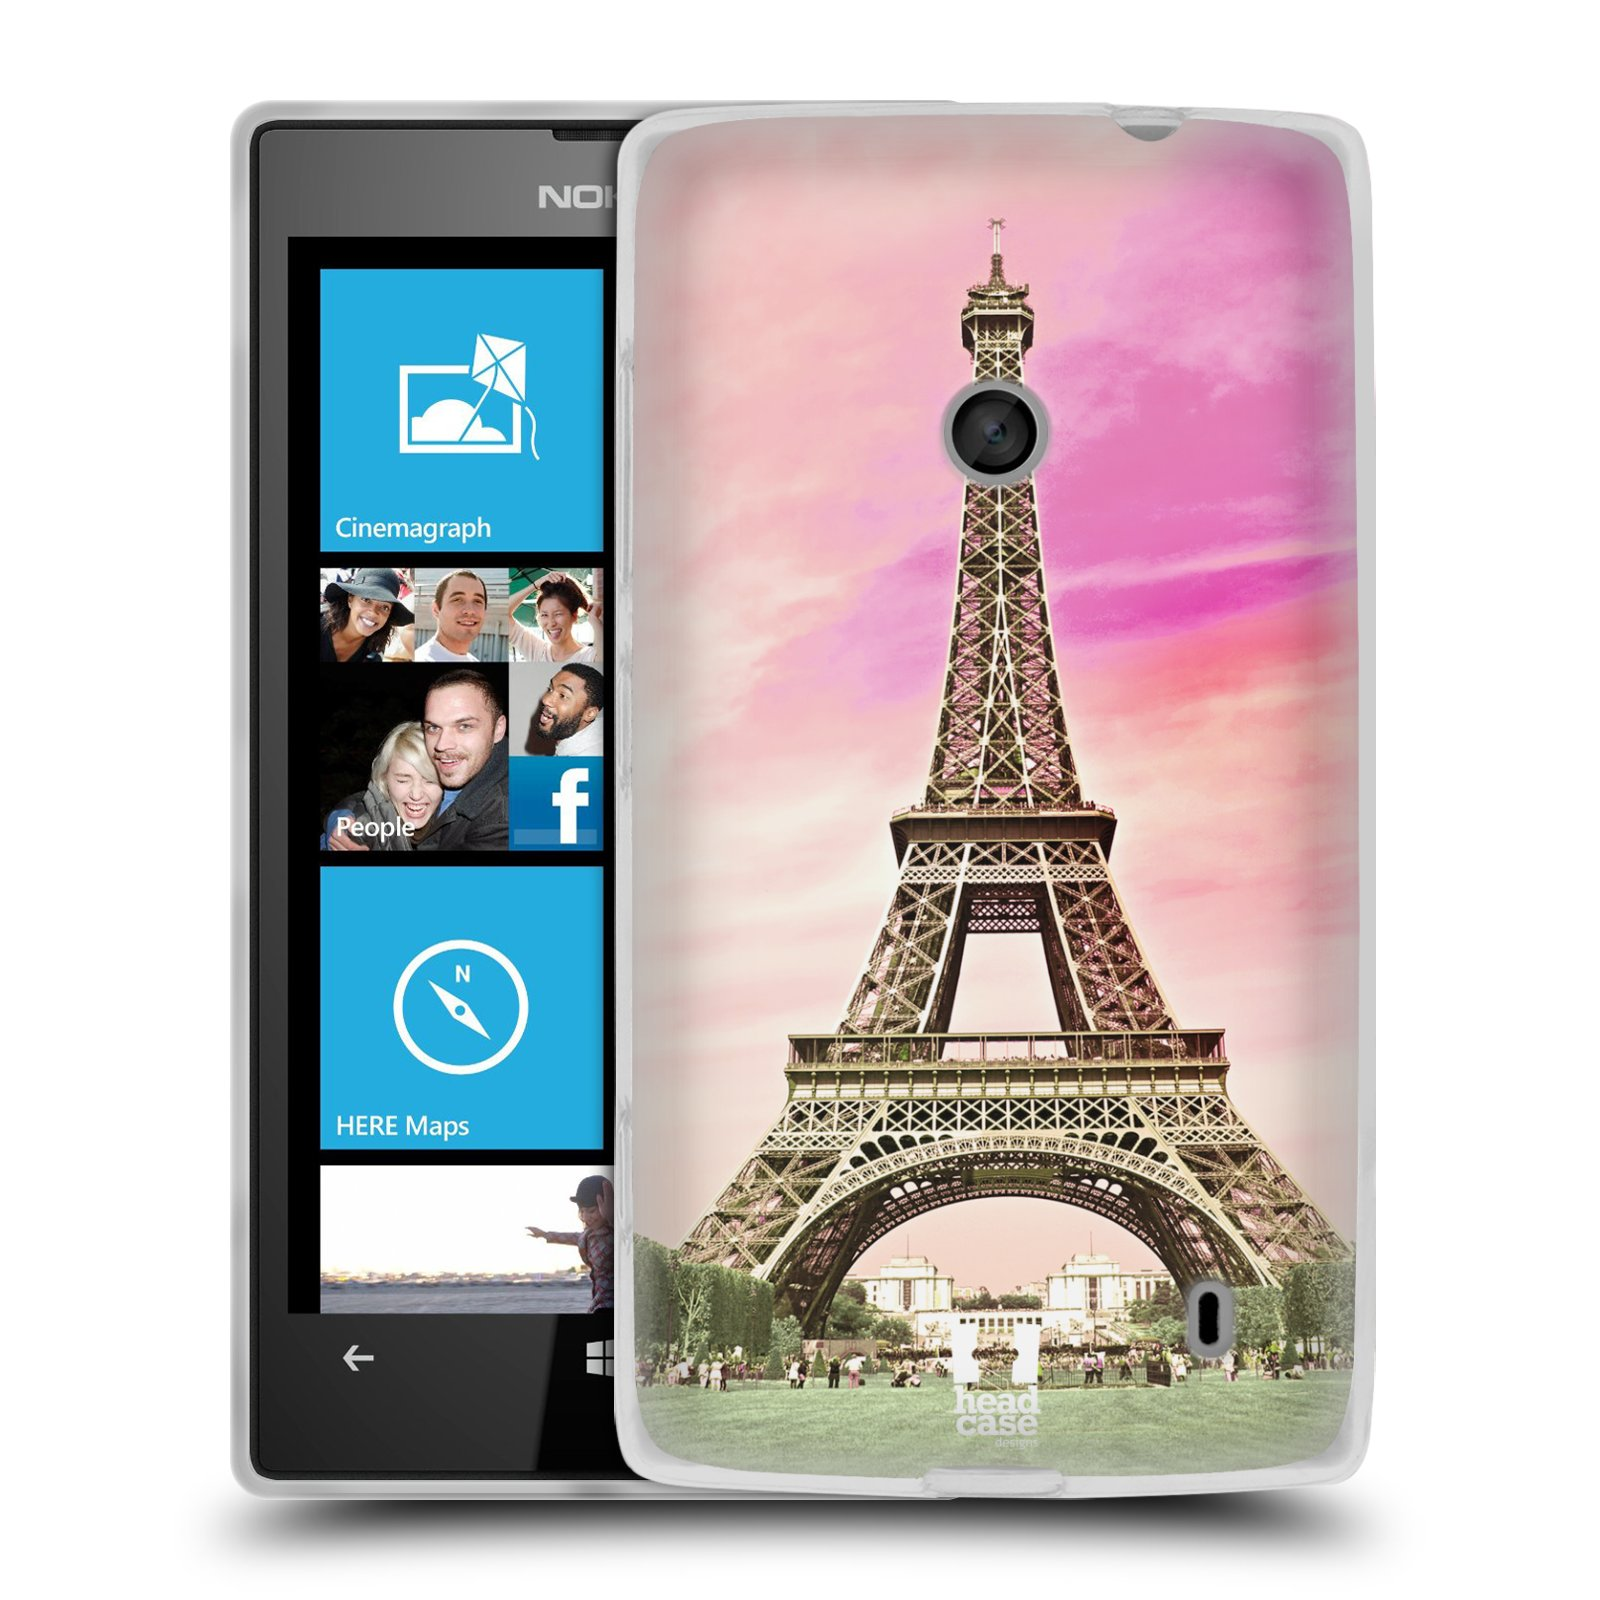 Silikonové pouzdro na mobil Nokia Lumia 520 HEAD CASE RŮŽOVÁ AIFELOVKA (Silikonový Kryt či obal na mobilní telefon Nokia Lumia 520)